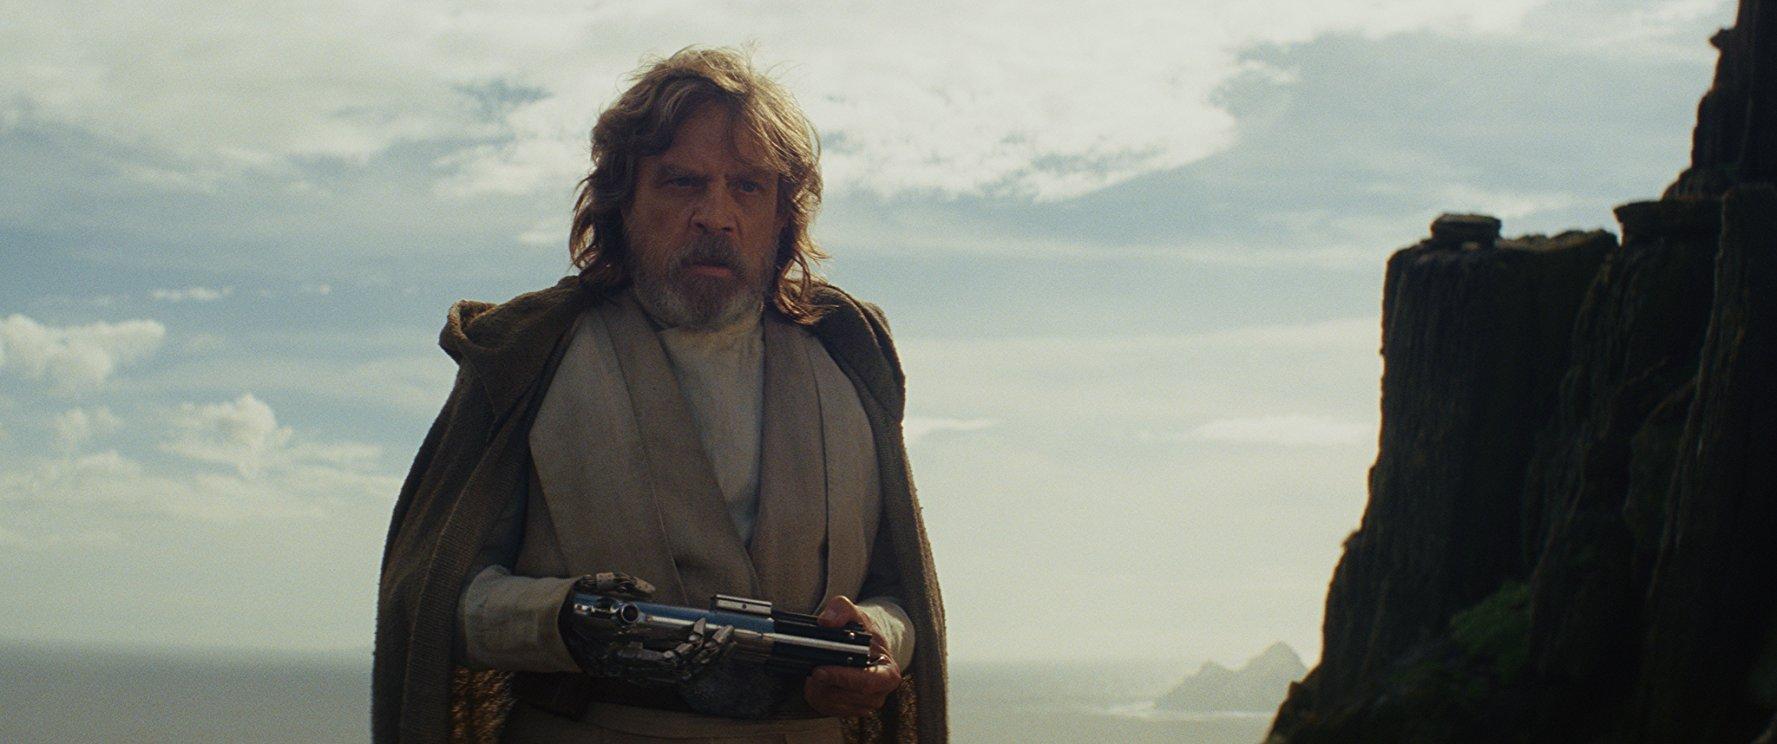 La versión original del filme duraba tres horas pero tras consultar con los productores, la cinta se redujo a dos horas.